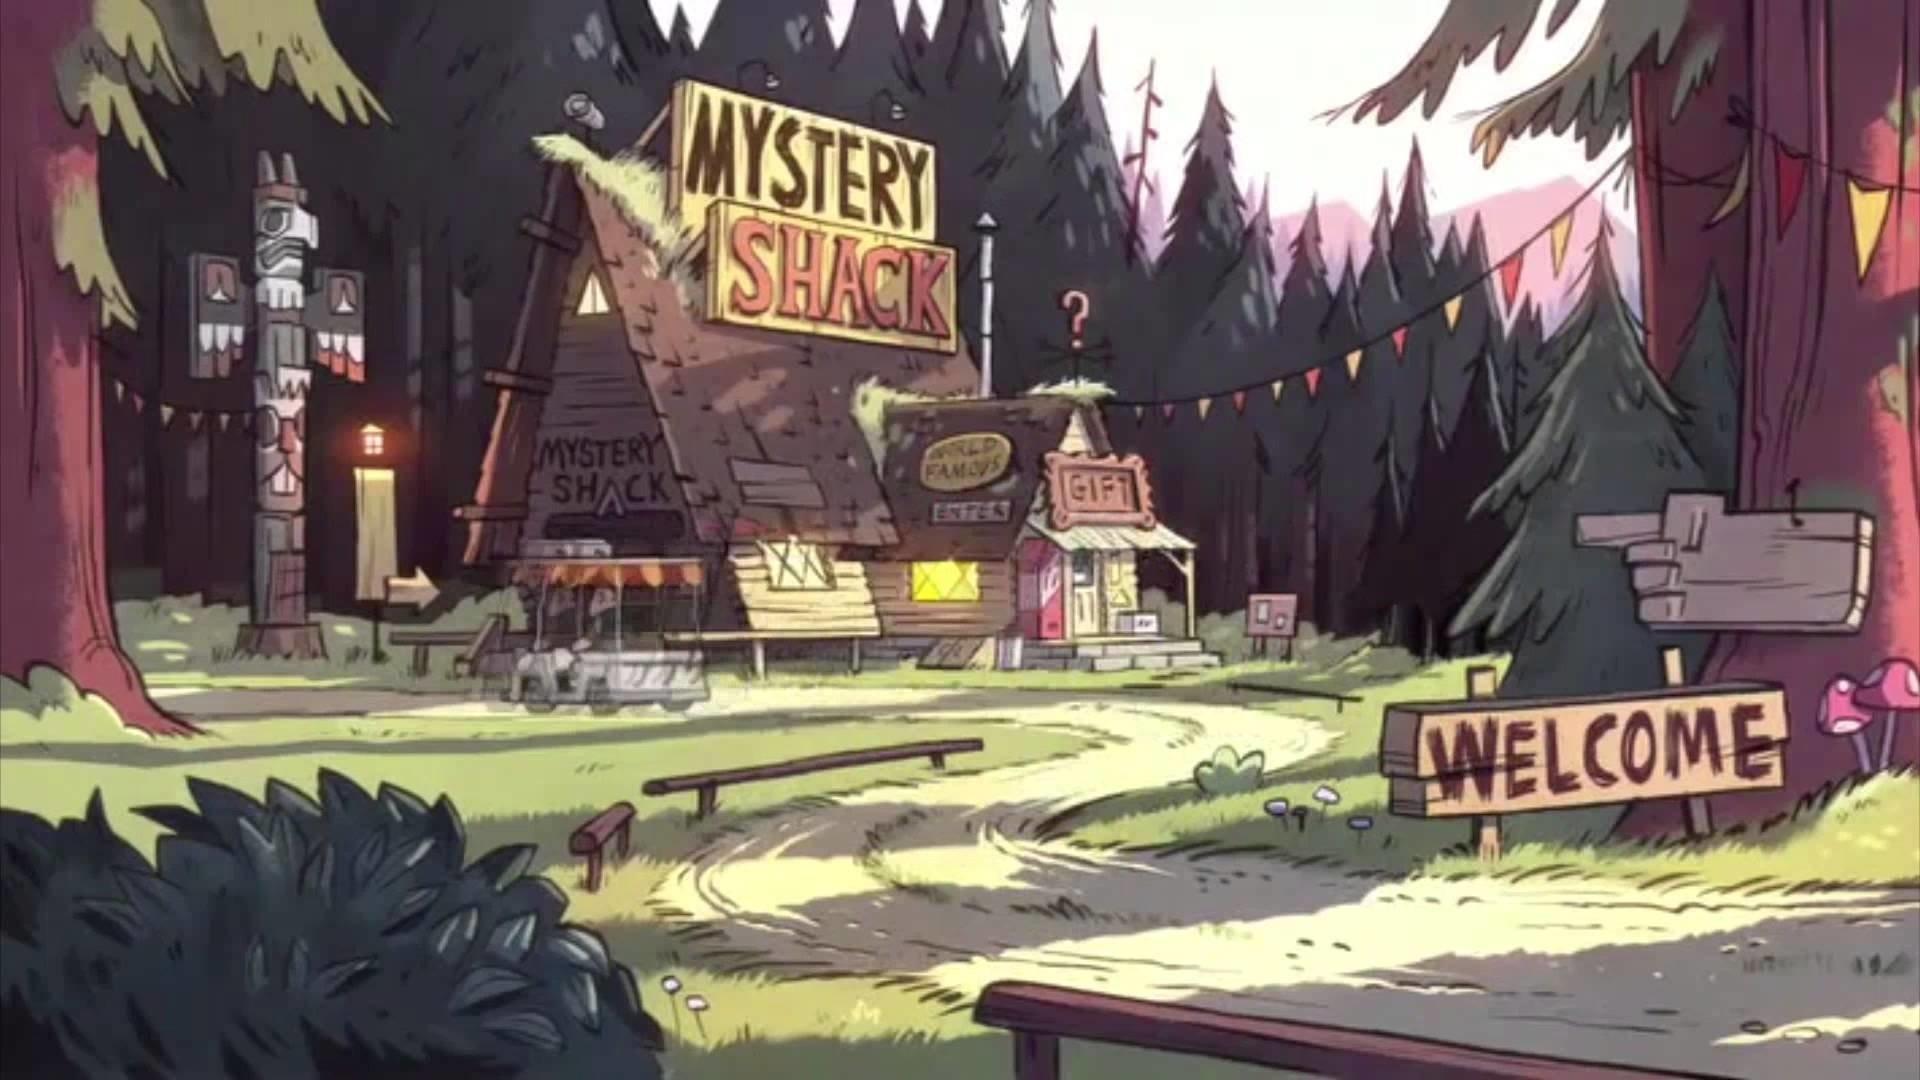 Gravity Falls Wallpaper Full Hd Gravity Falls Hd Wallpaper 65 Images